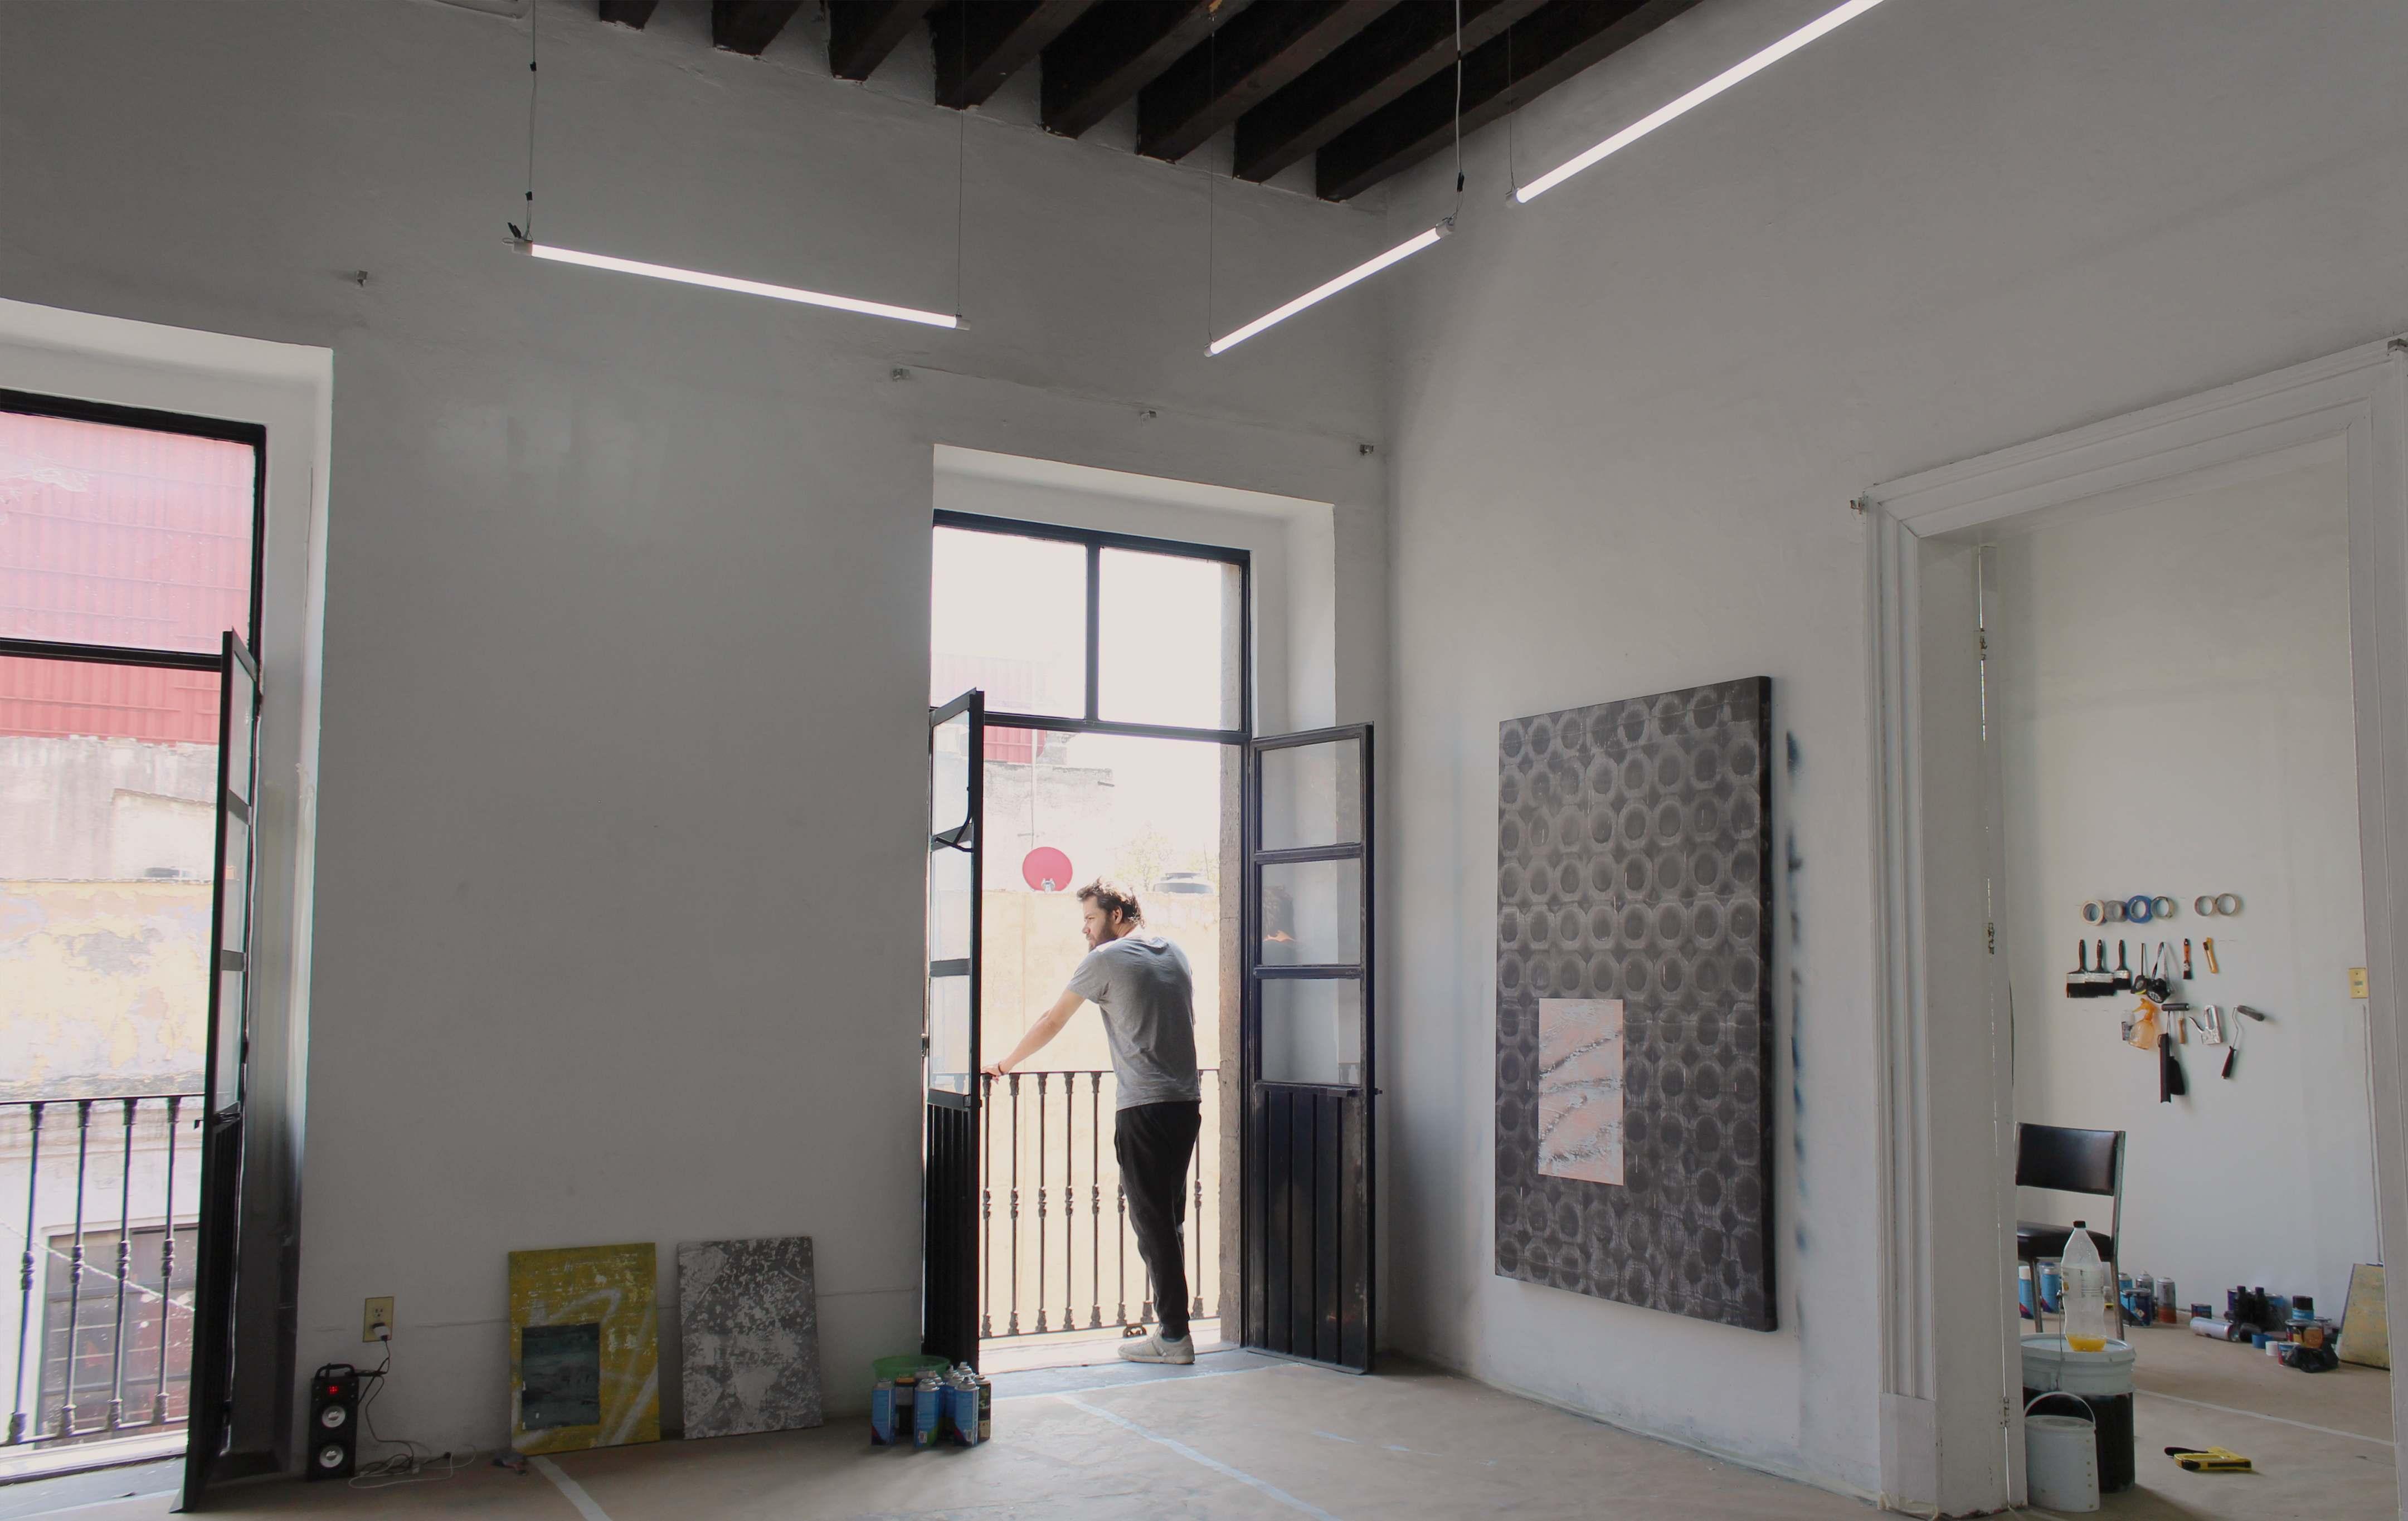 Studio, Mexico, Keke Vilabelda, 2018